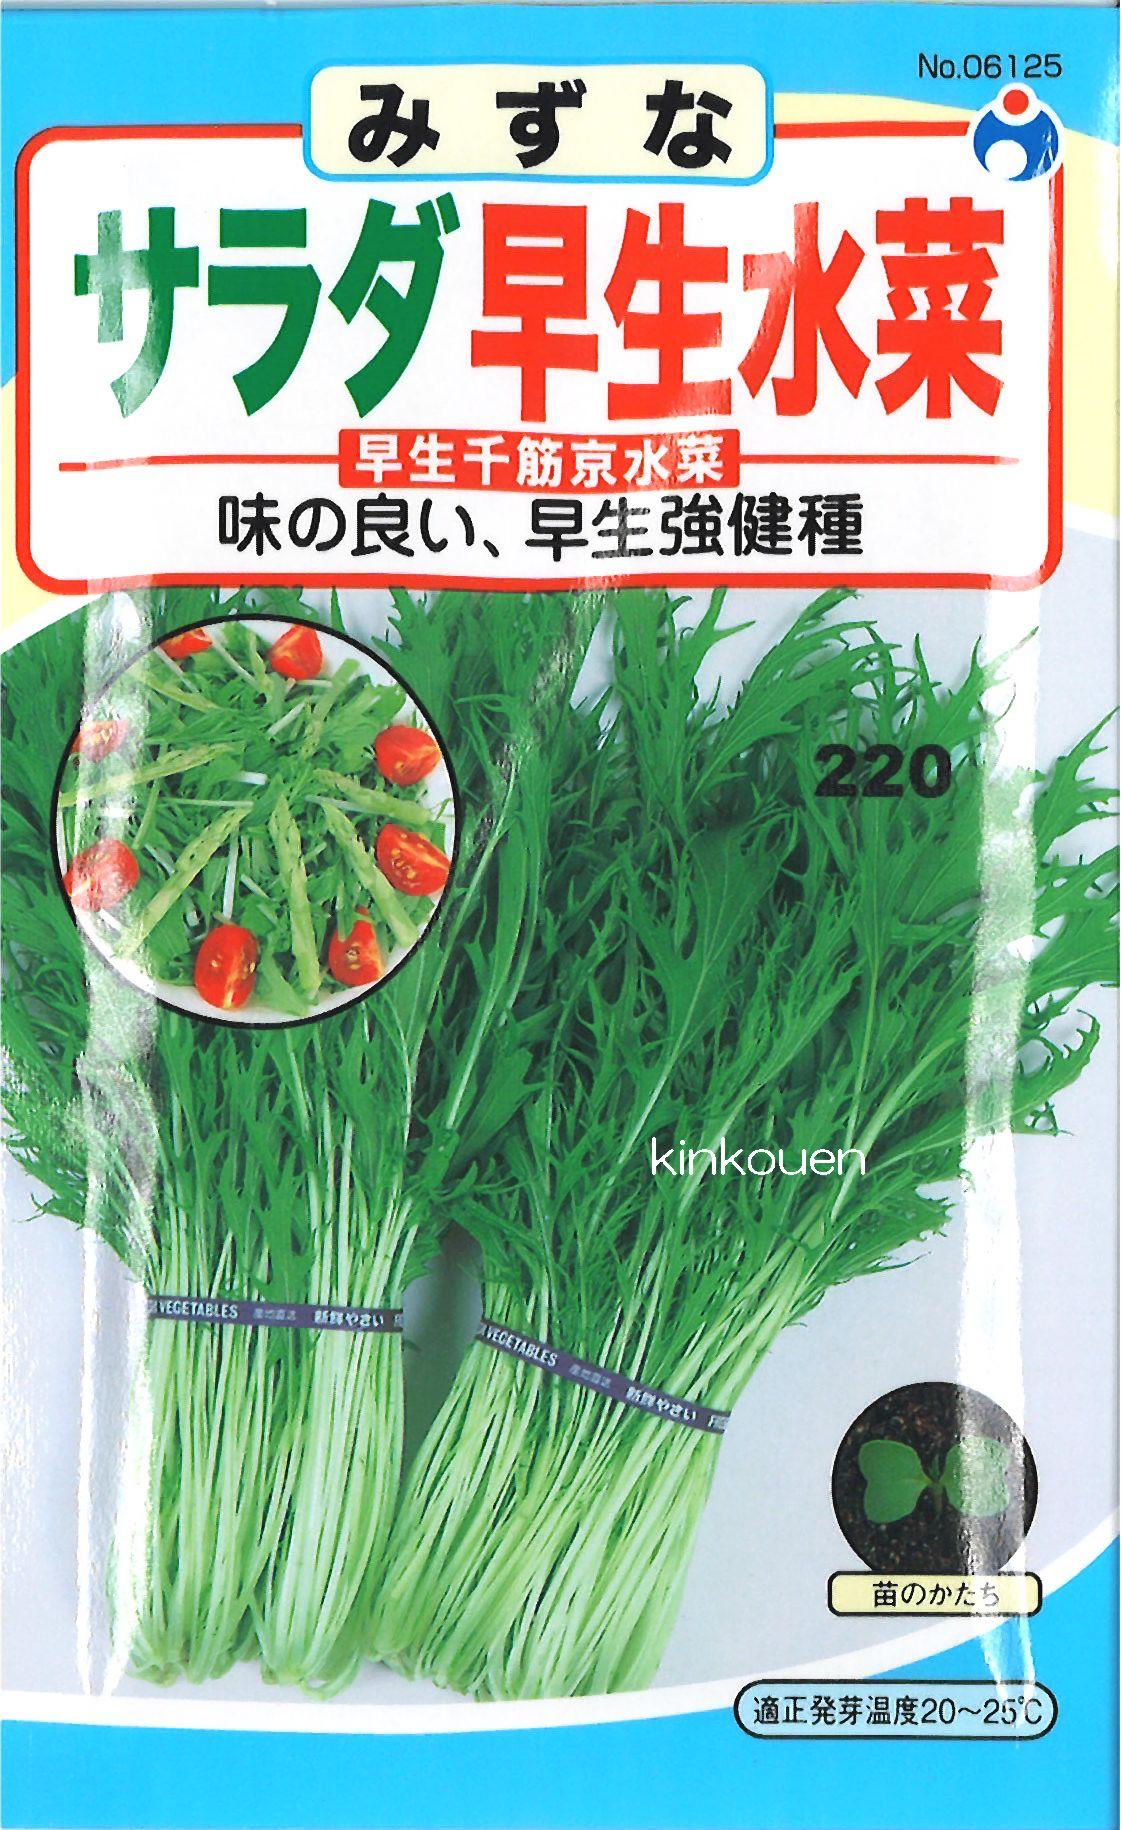 【代引不可】【5袋まで送料80円】□サラダ早生水菜